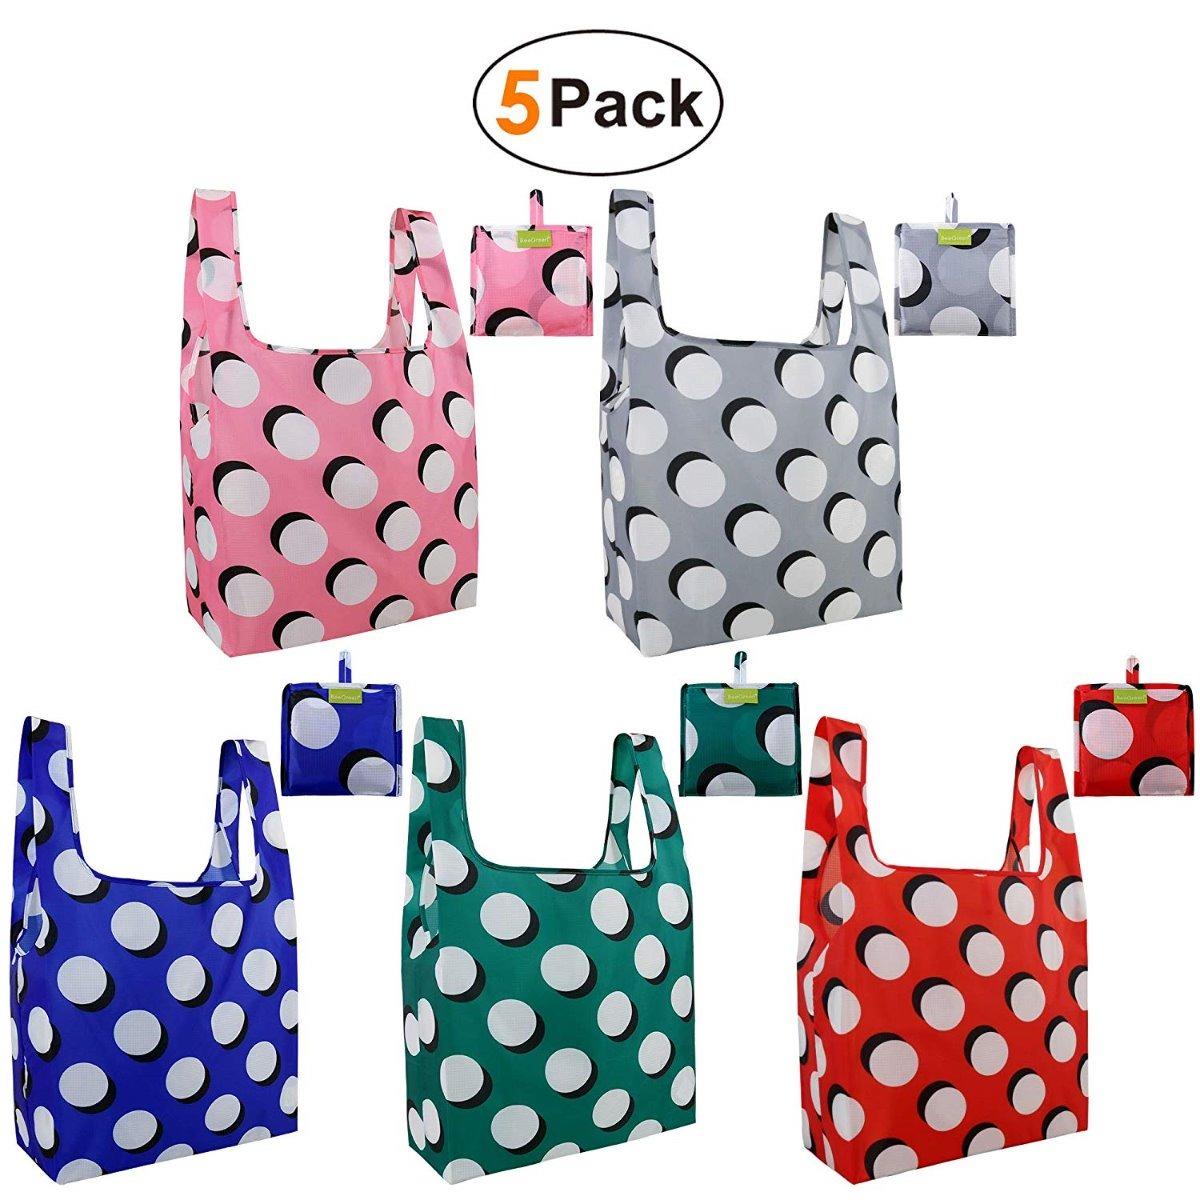 37e976765 5 bolsas ecologicas de supermercado reutilizable de beegreen. Cargando zoom.